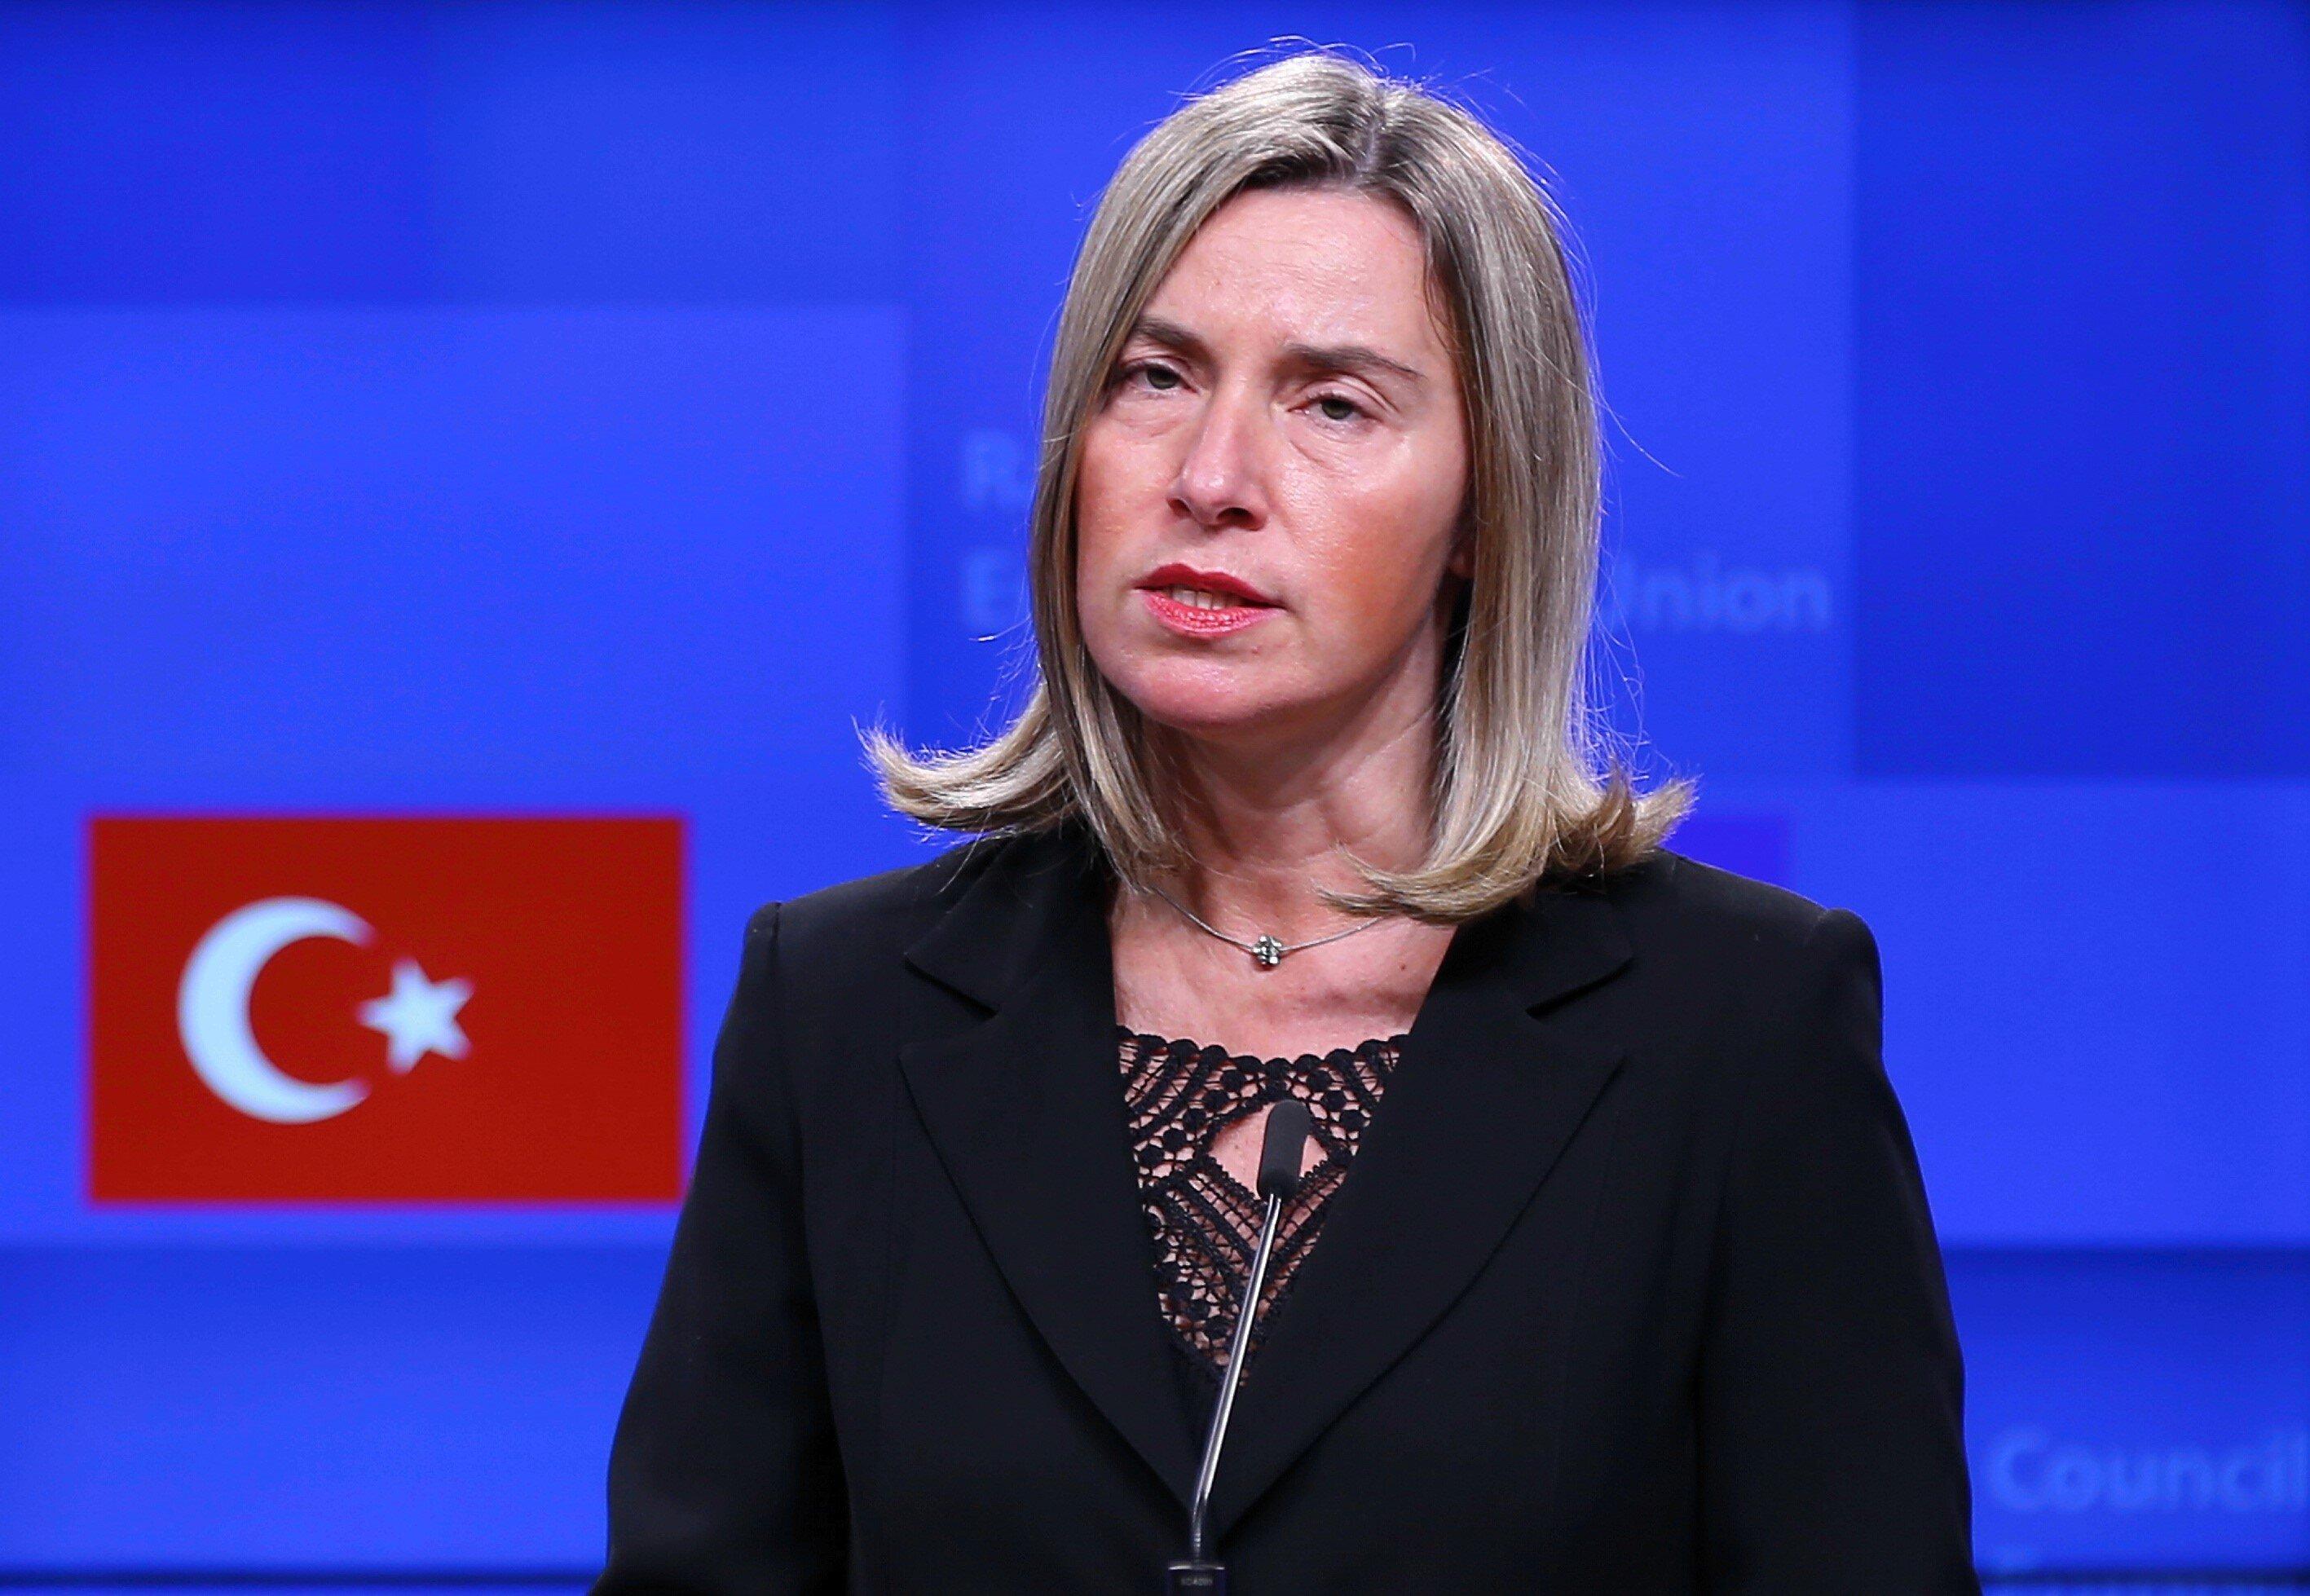 Στήριξη από την Ε.Ε για την Τουρκία σημαίνει ότι τα πράγματα είναι πολύ